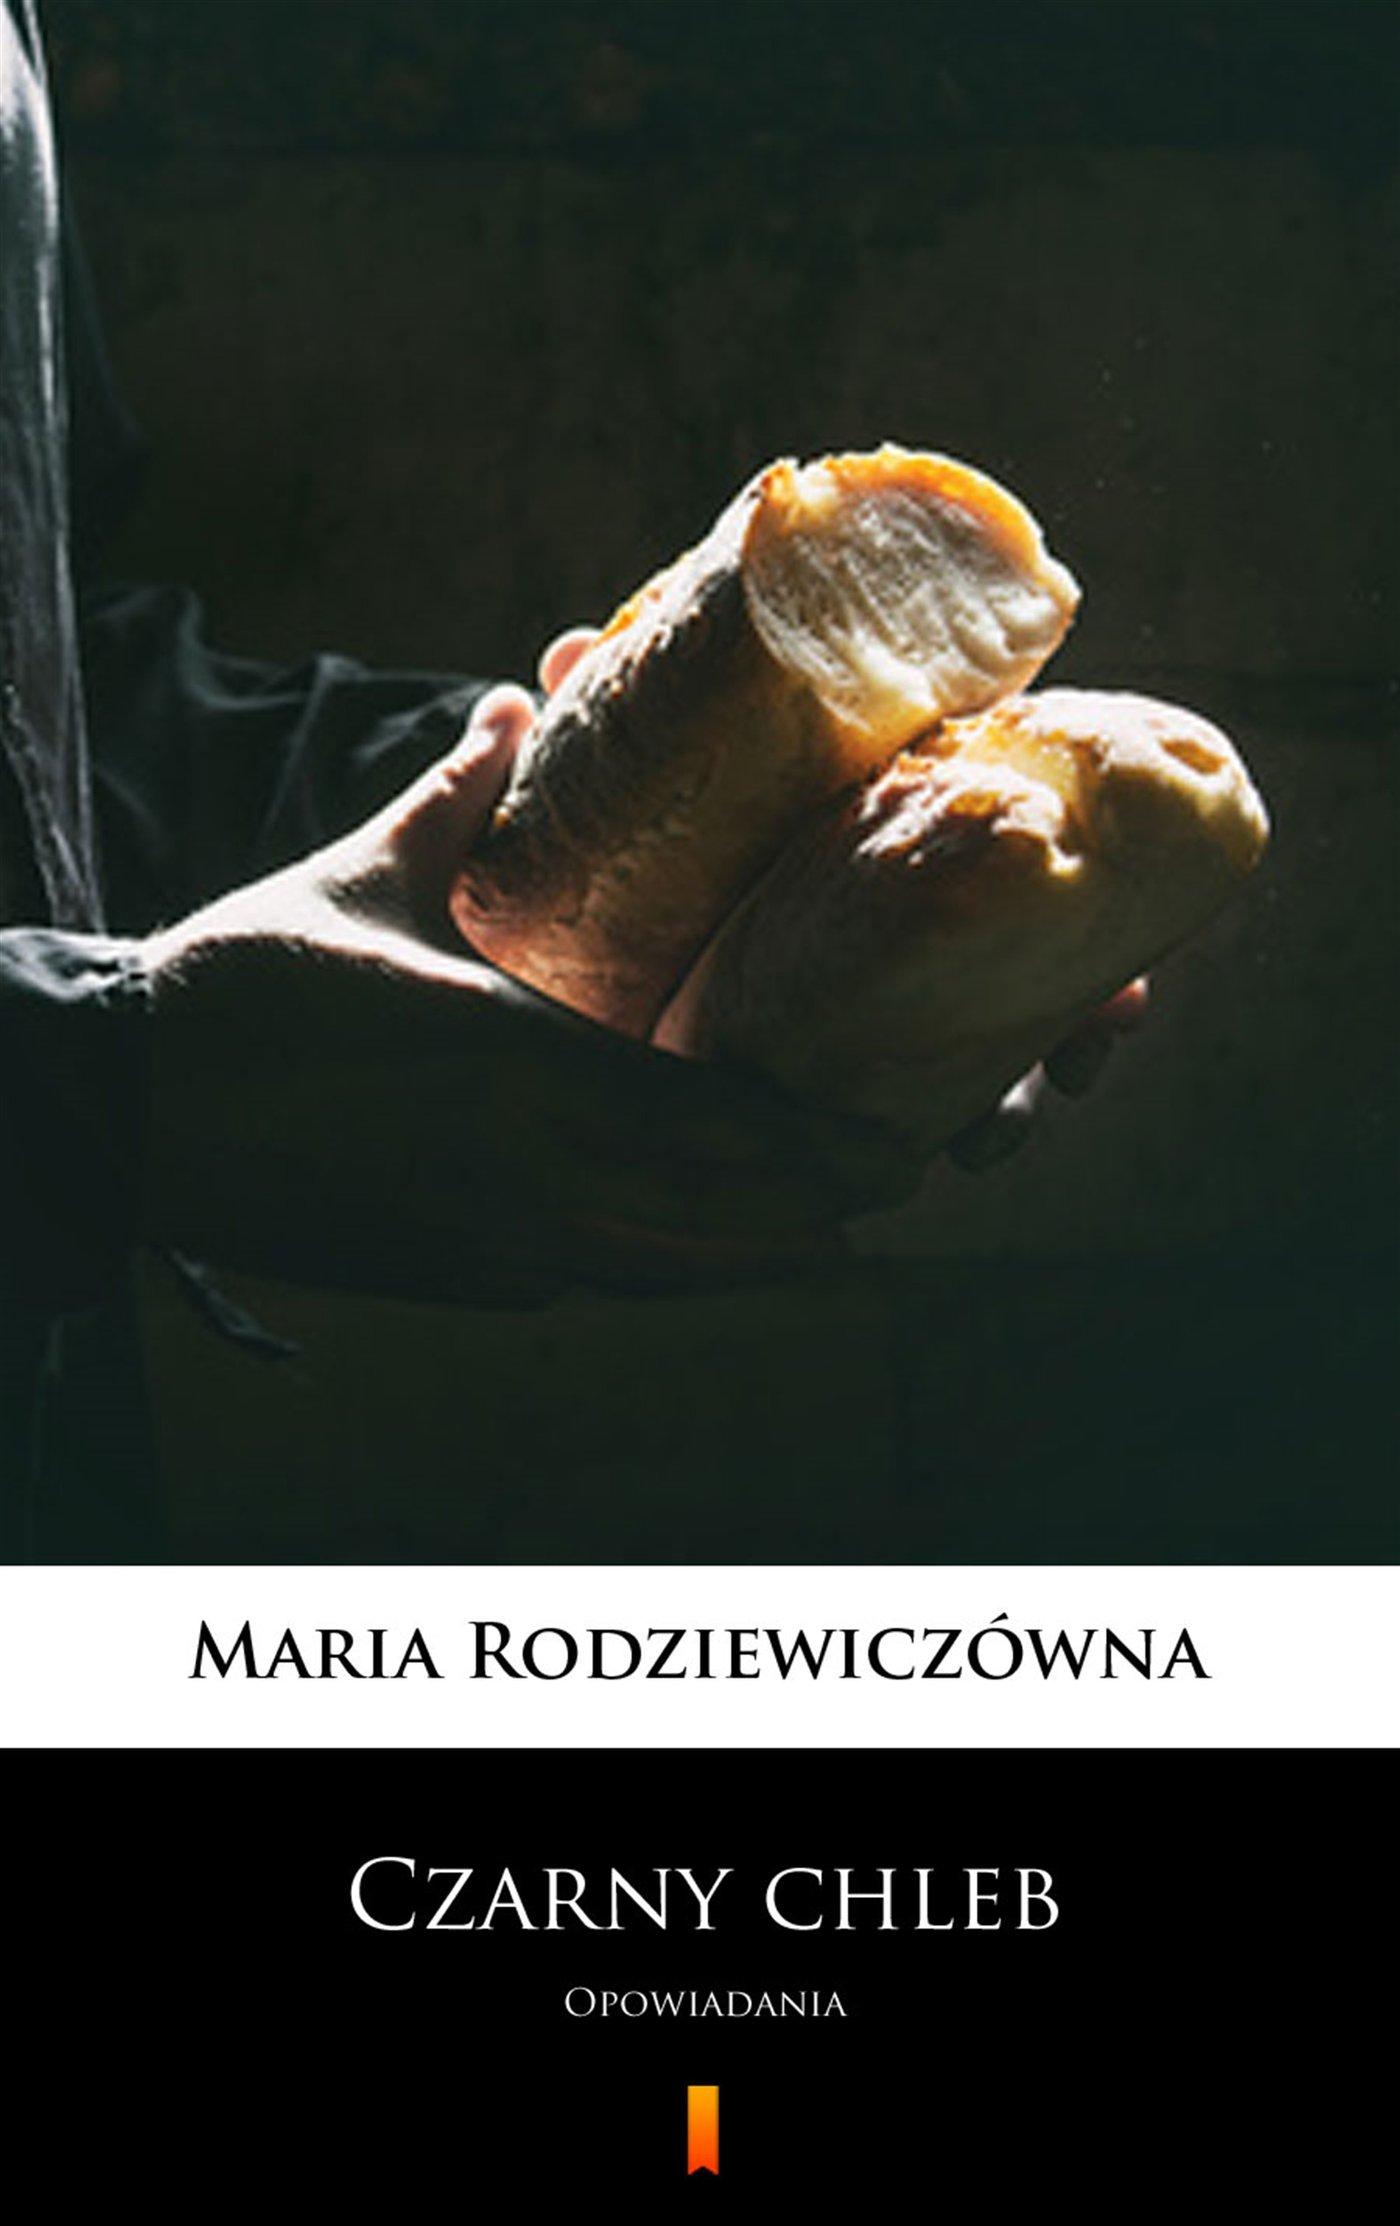 Czarny chleb - Ebook (Książka na Kindle) do pobrania w formacie MOBI